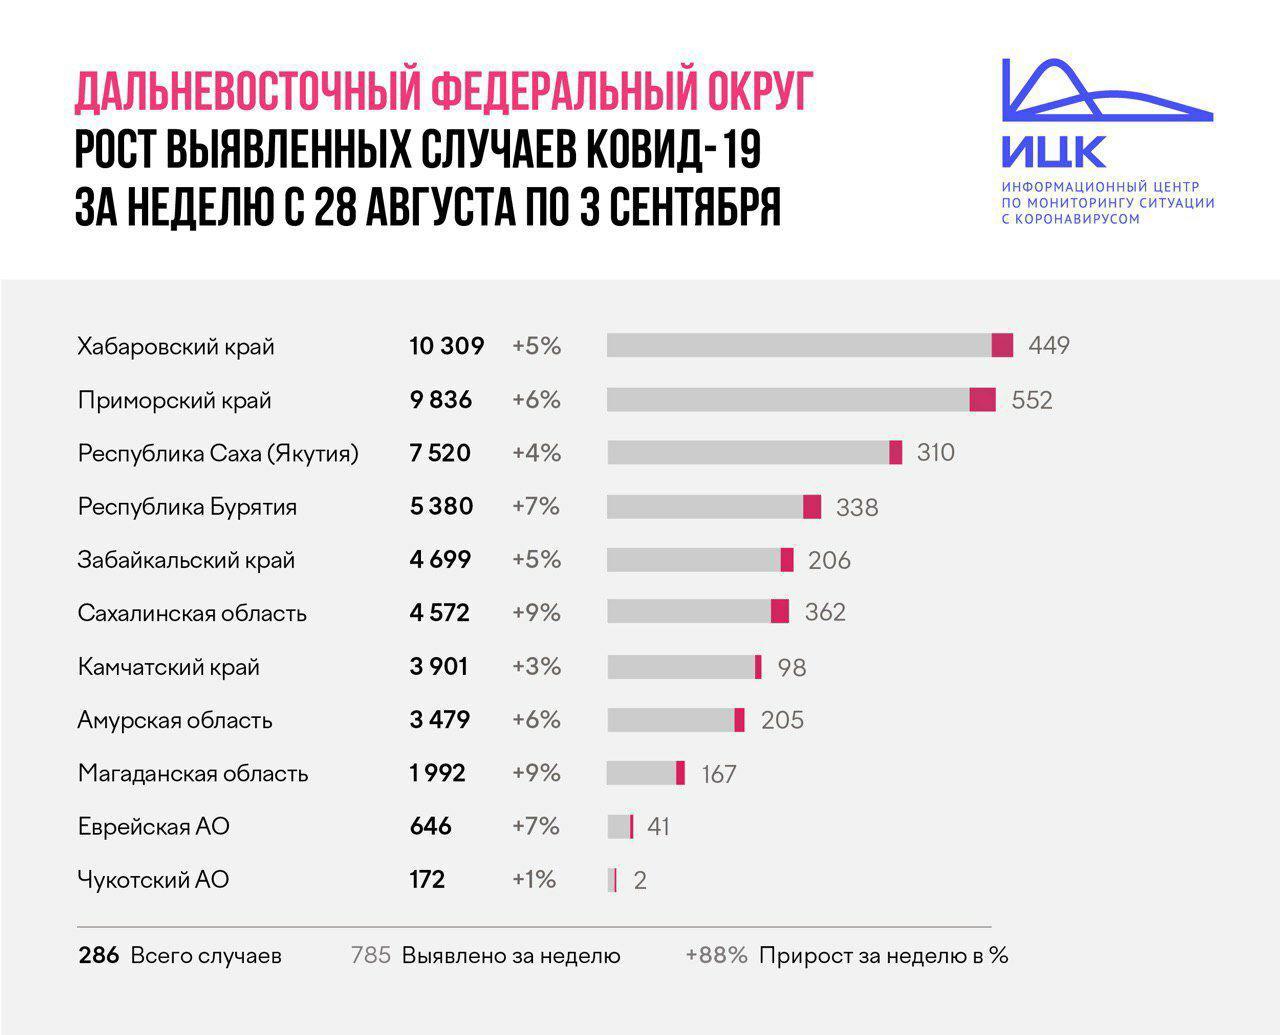 Коронавирус в Якутии. Статданные от оперштаба республики на 4 сентября